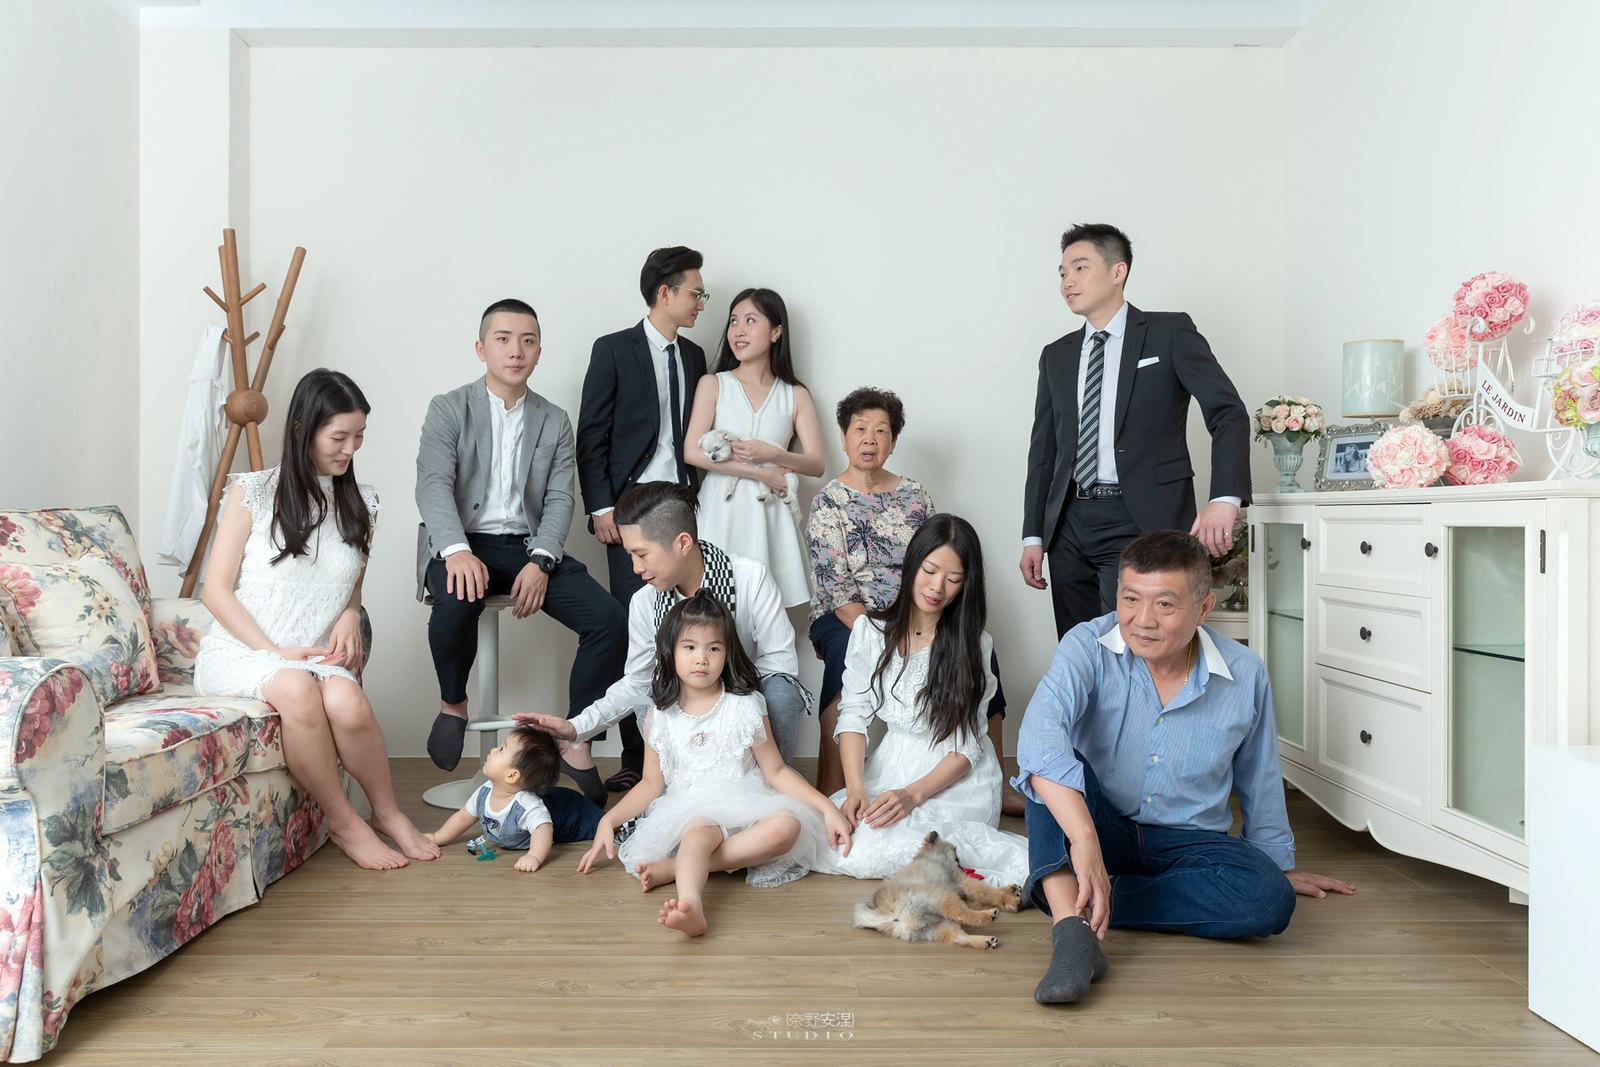 台南全家福 | 拋棄傳統合照的彆扭,忠實呈現家人間最親密的情感28